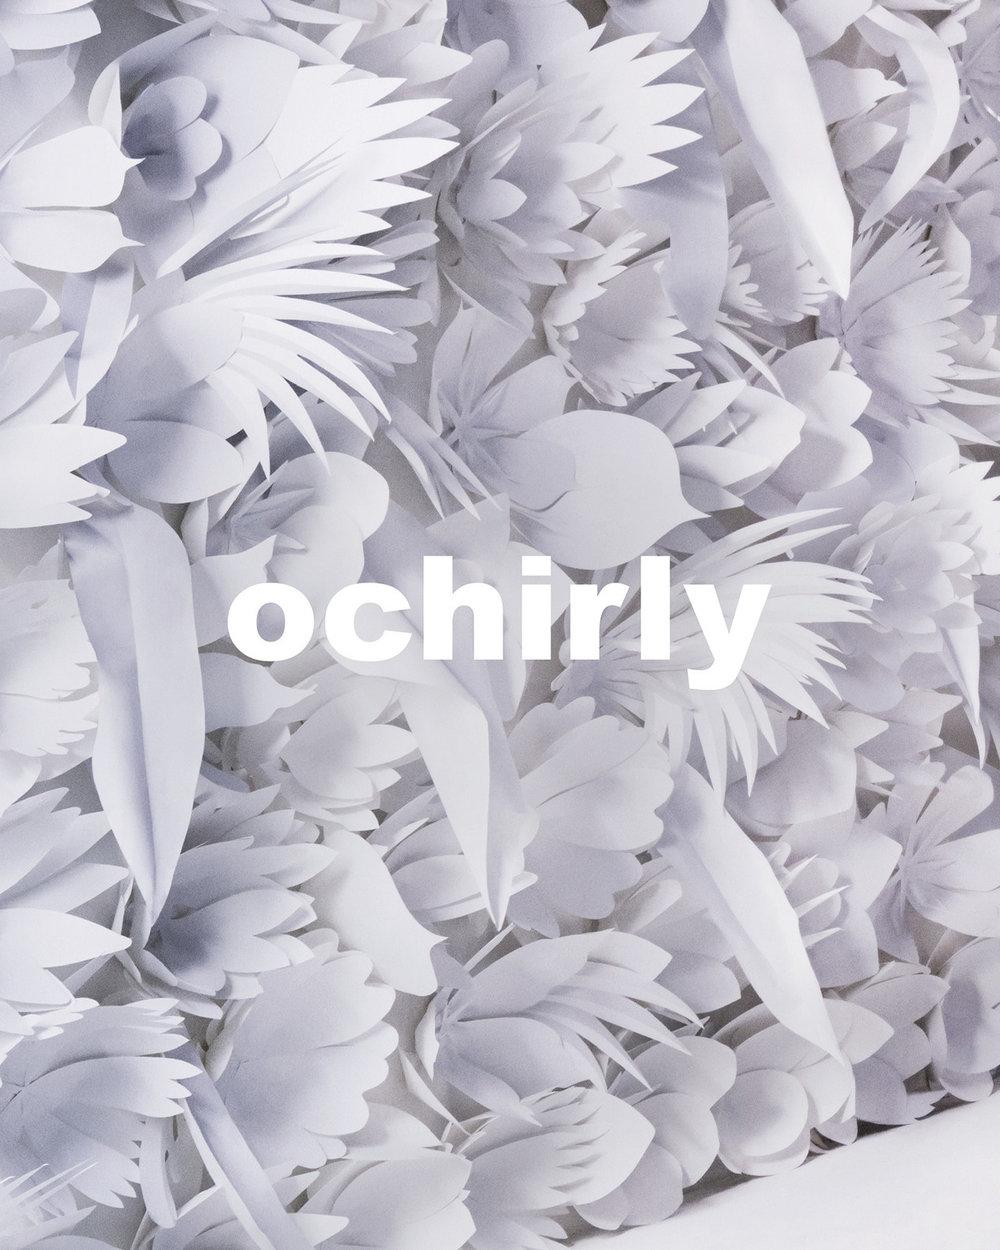 Testino_Ochirly.jpg